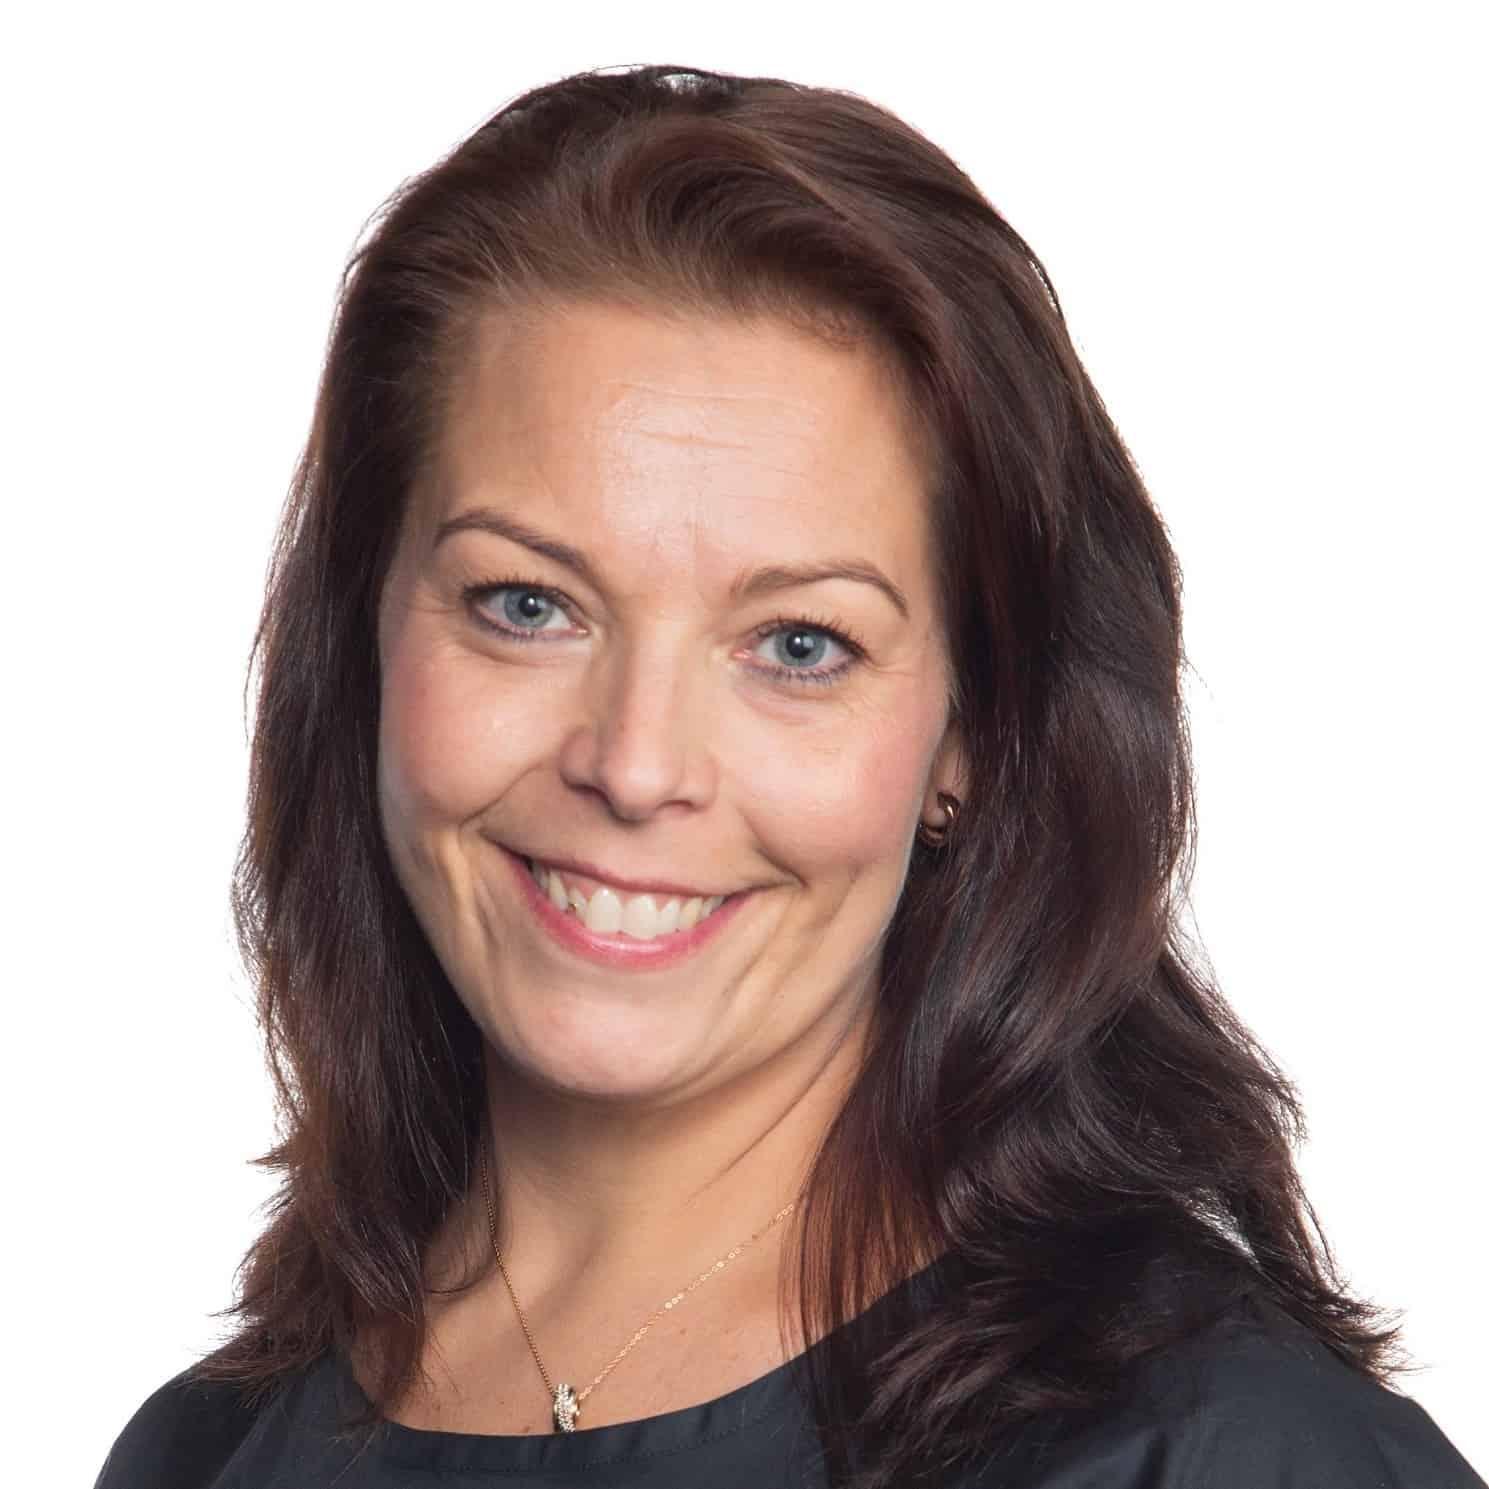 Suomen Seniorihoiva Diana Lemström